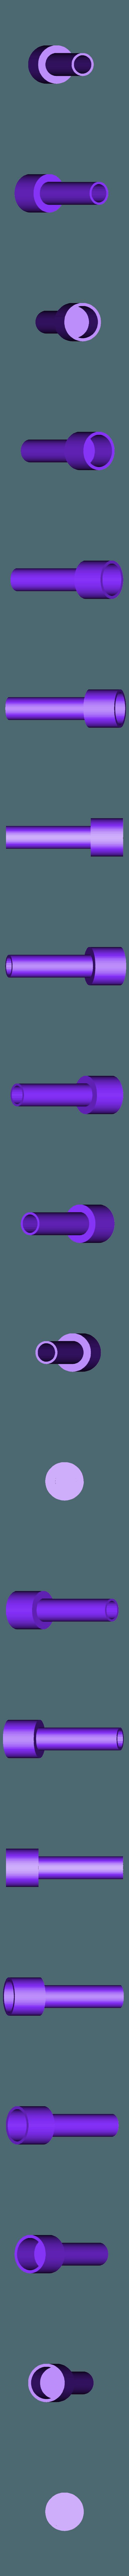 filaflex_tube.stl Download free STL file FIlaflex adapter for Prusa i3 Hephestos • Design to 3D print, touchthebitum